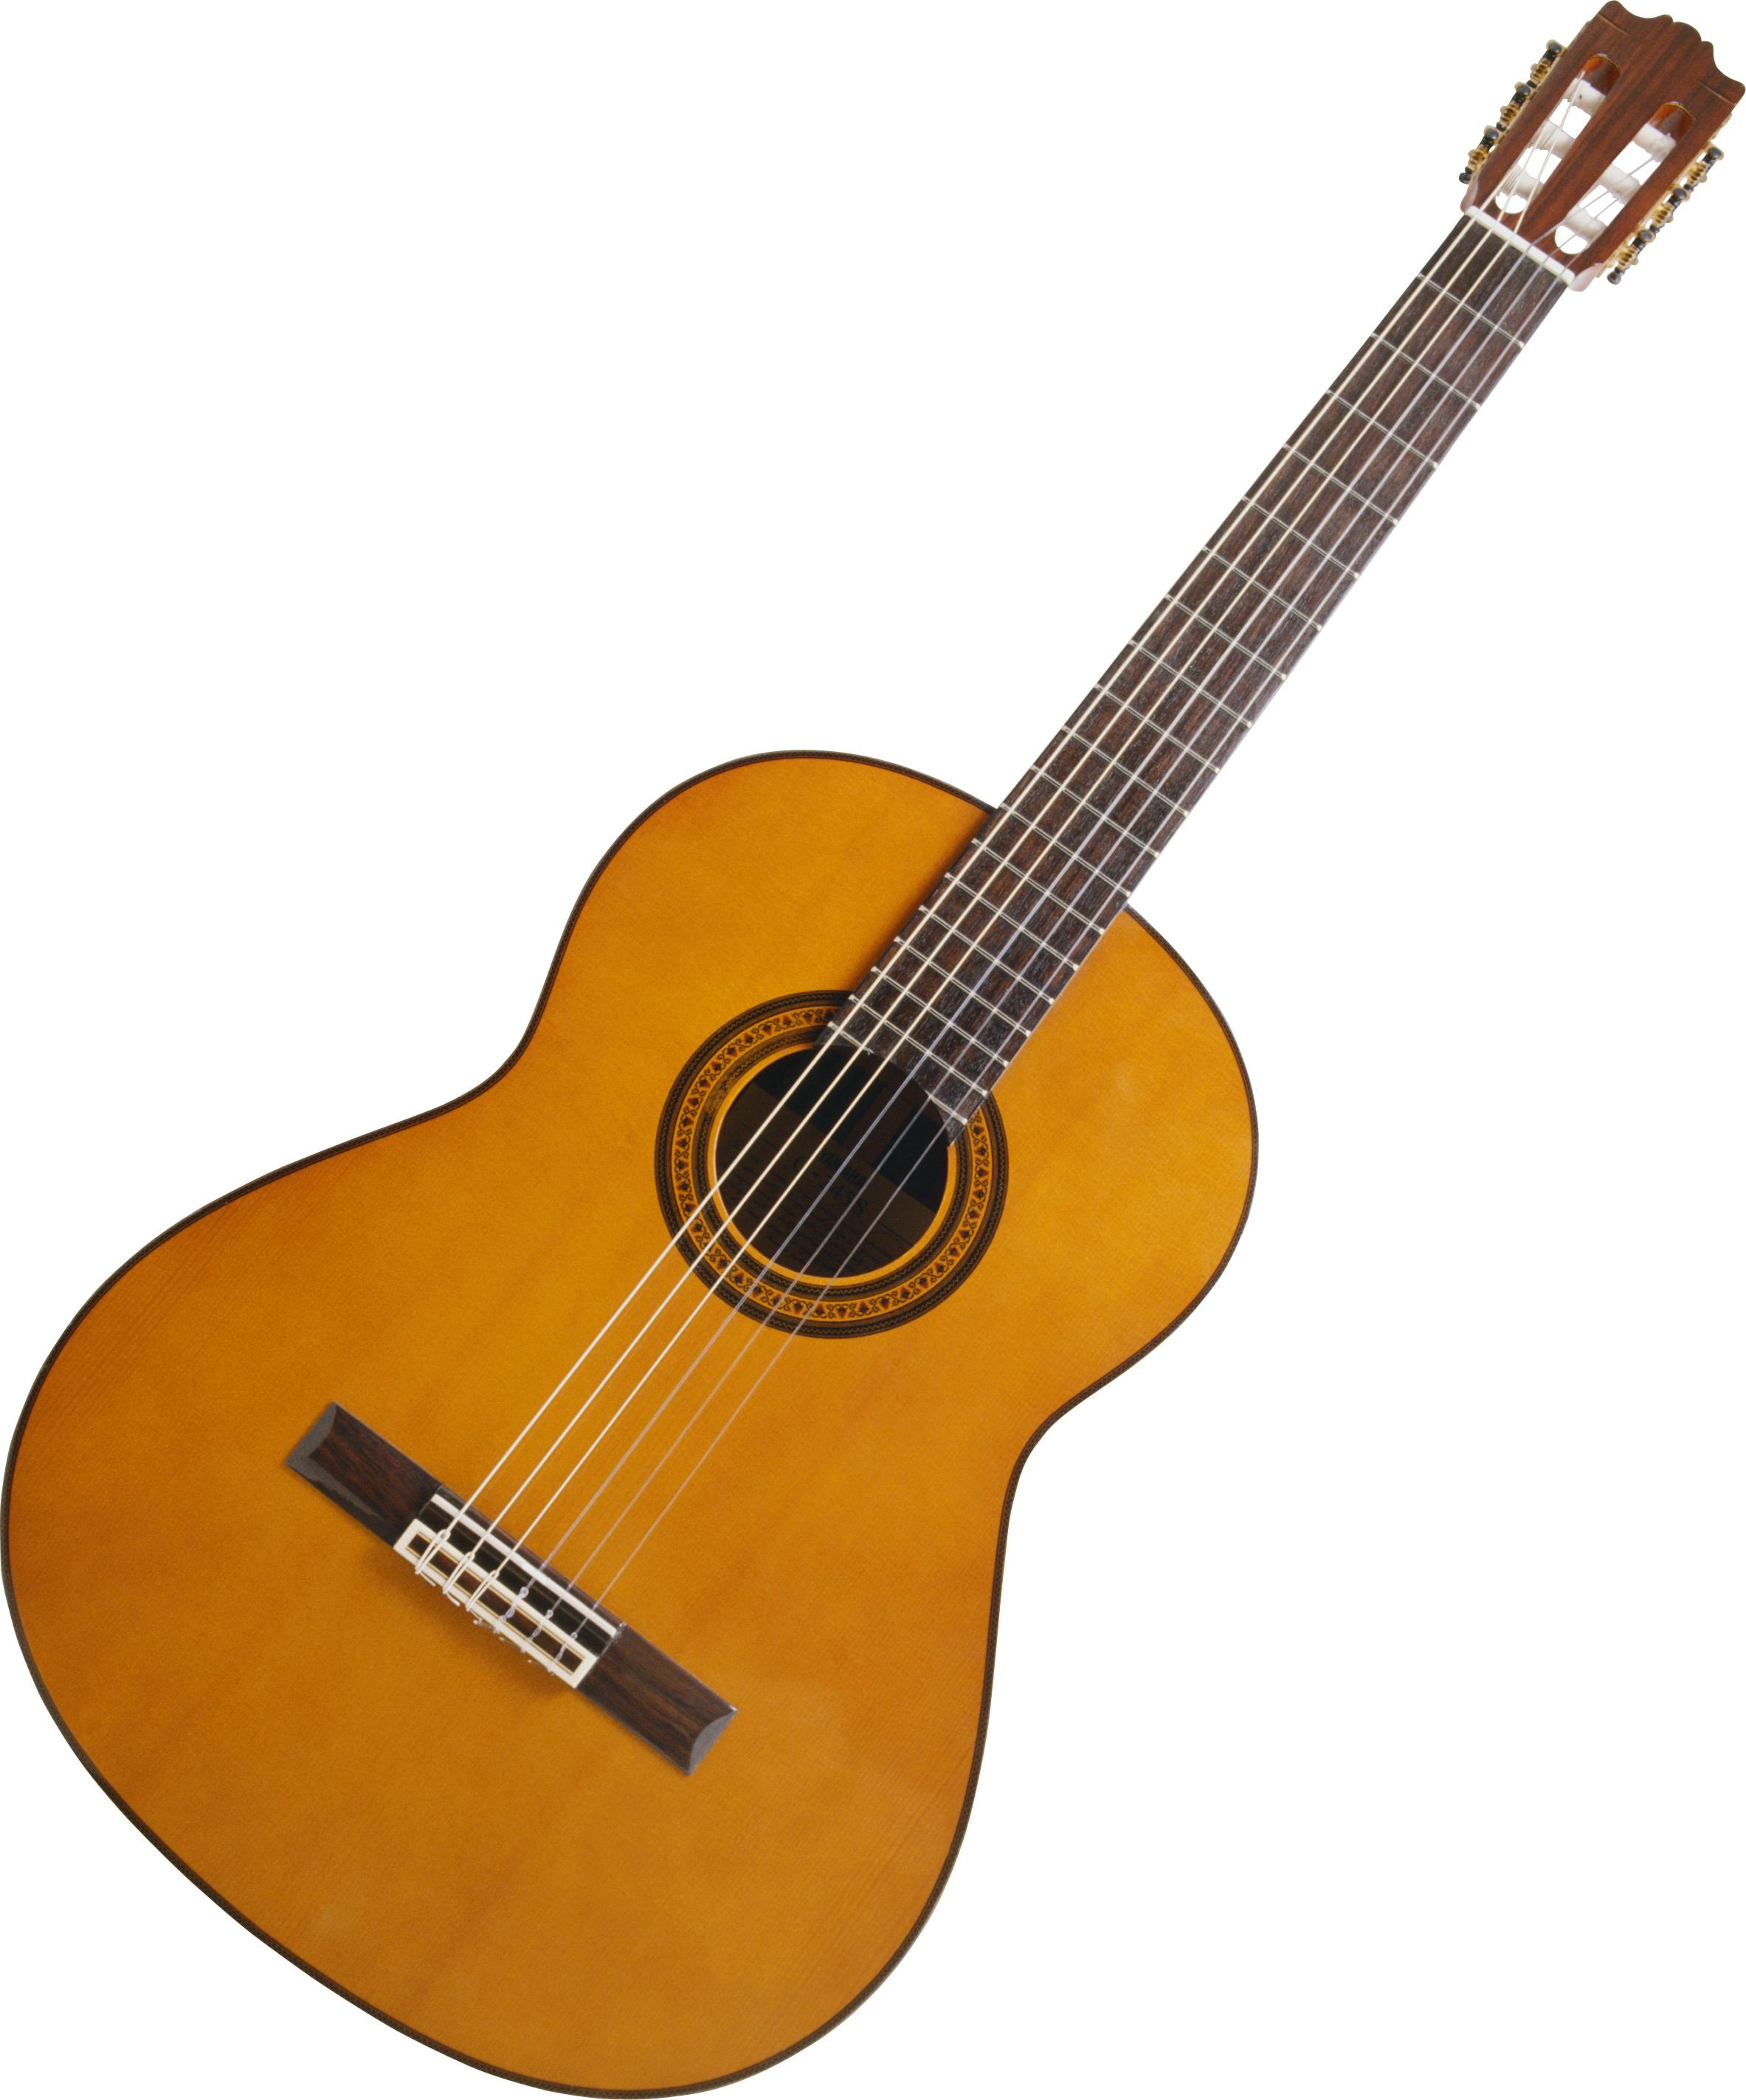 guitar_PNG3374